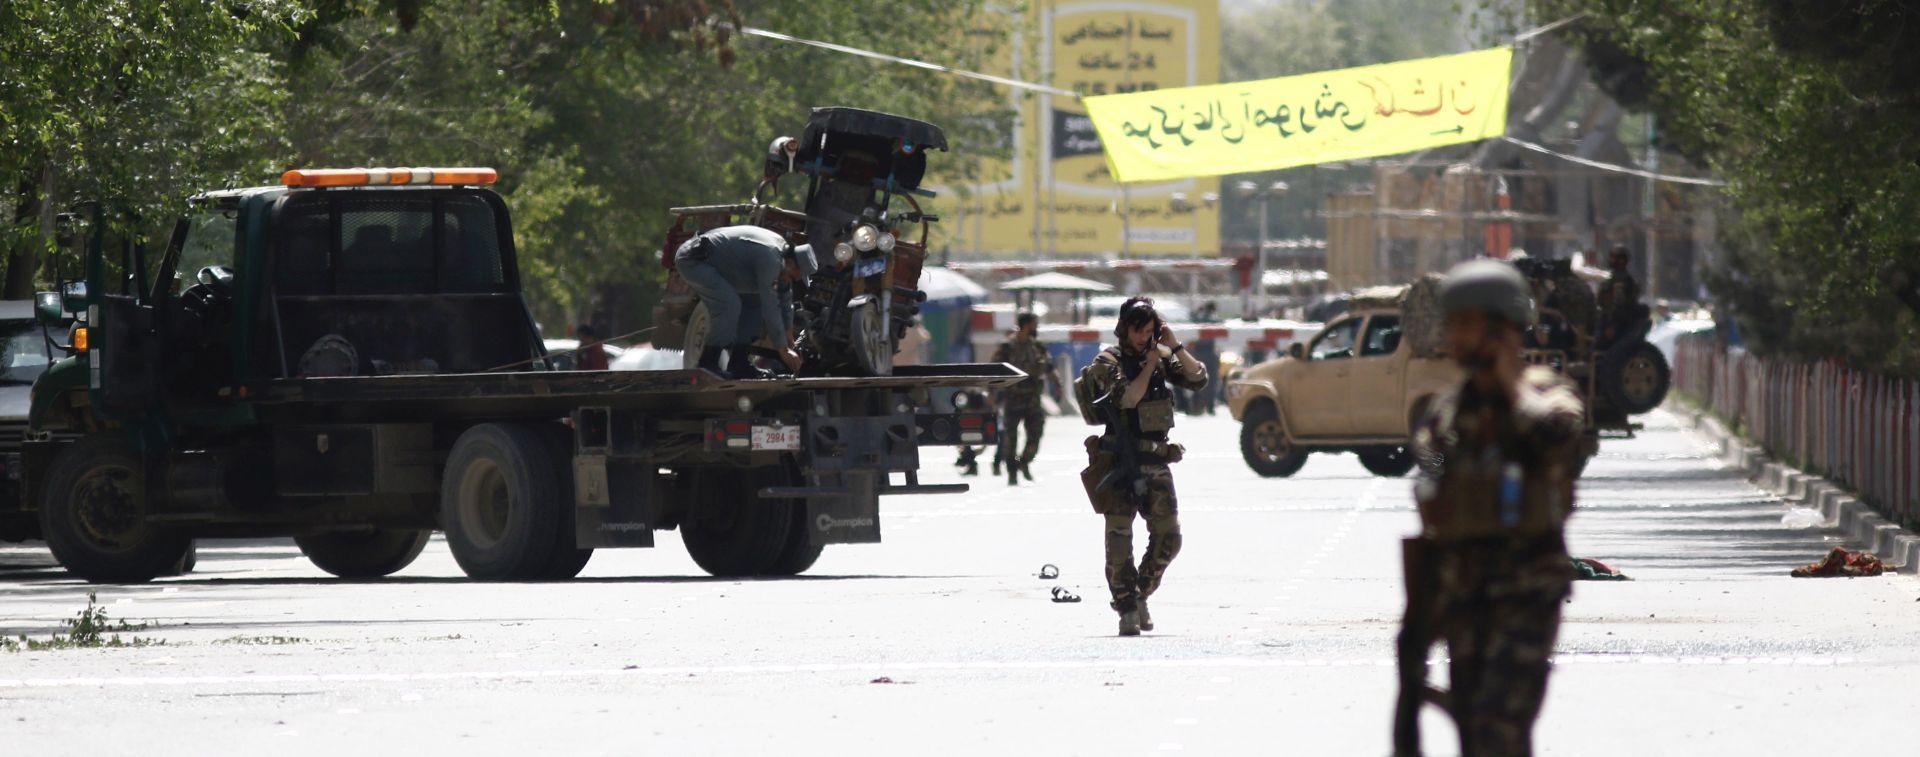 Broj žrtava napada u Afganistanu porastao na 25